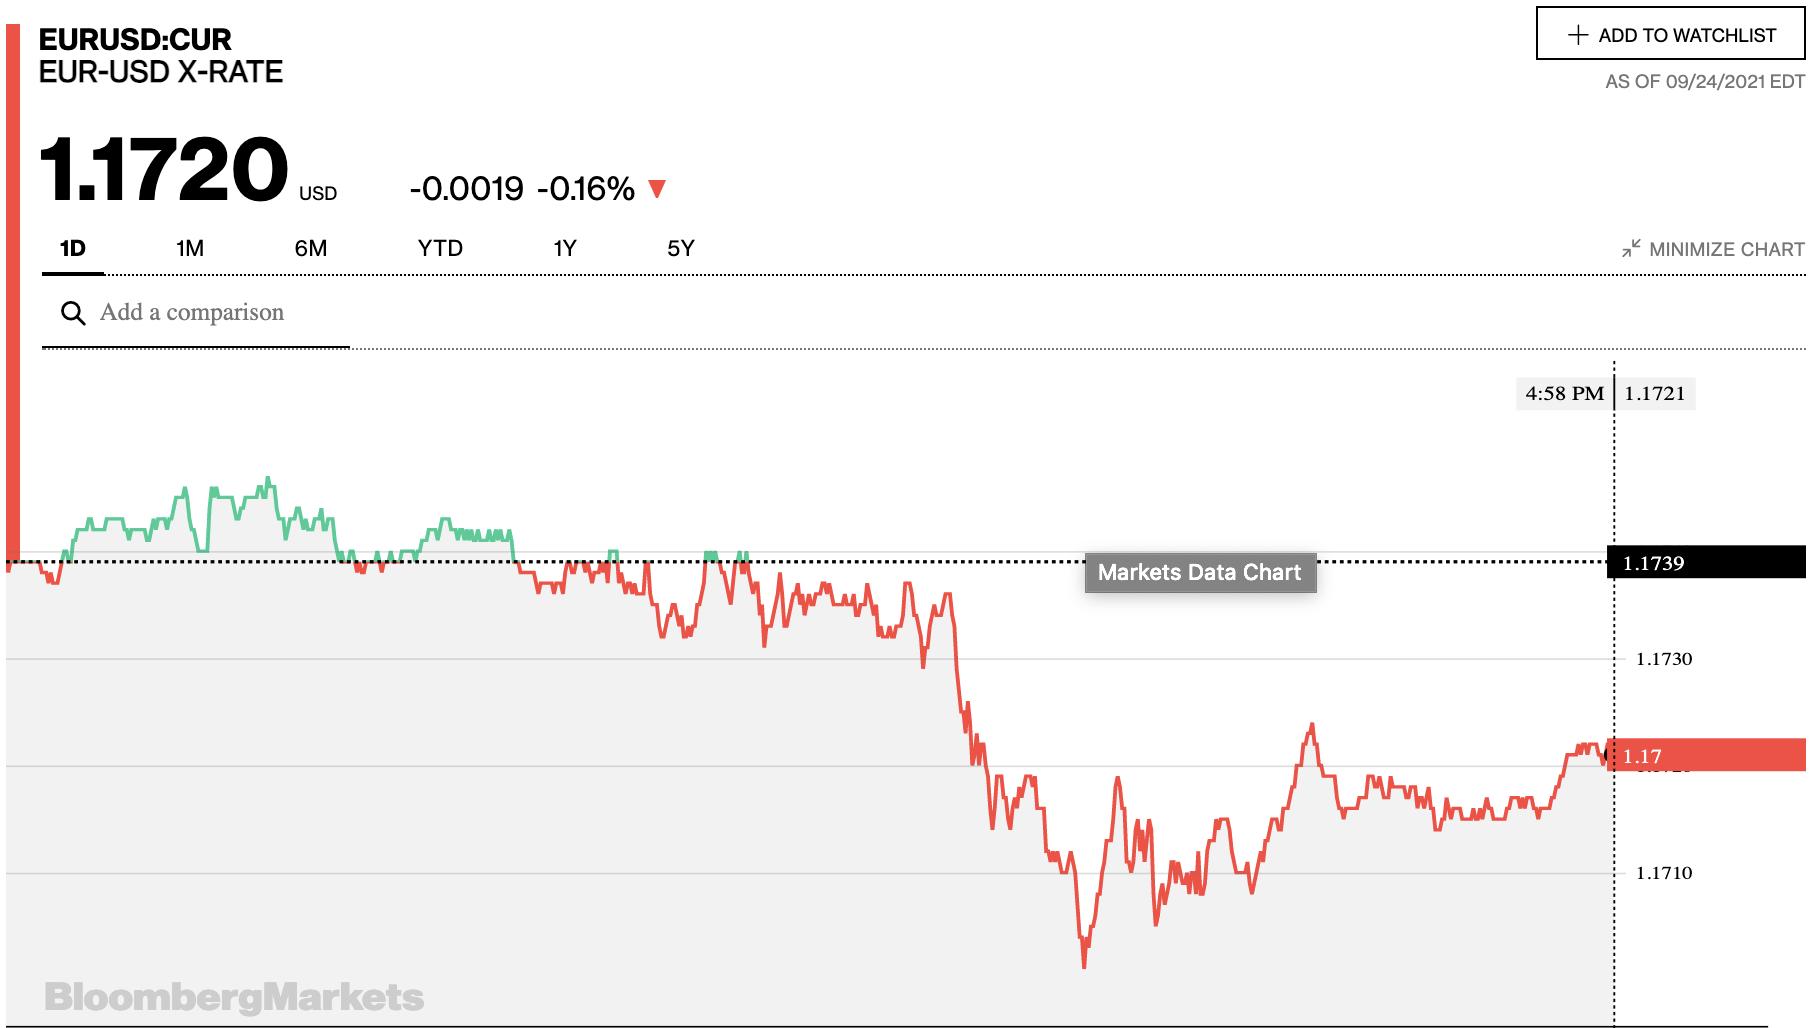 Tỷ giá euro hôm nay 25/9: Các ngân hàng trong nước đồng loạt giảm trong phiên cuối tuần - Ảnh 2.